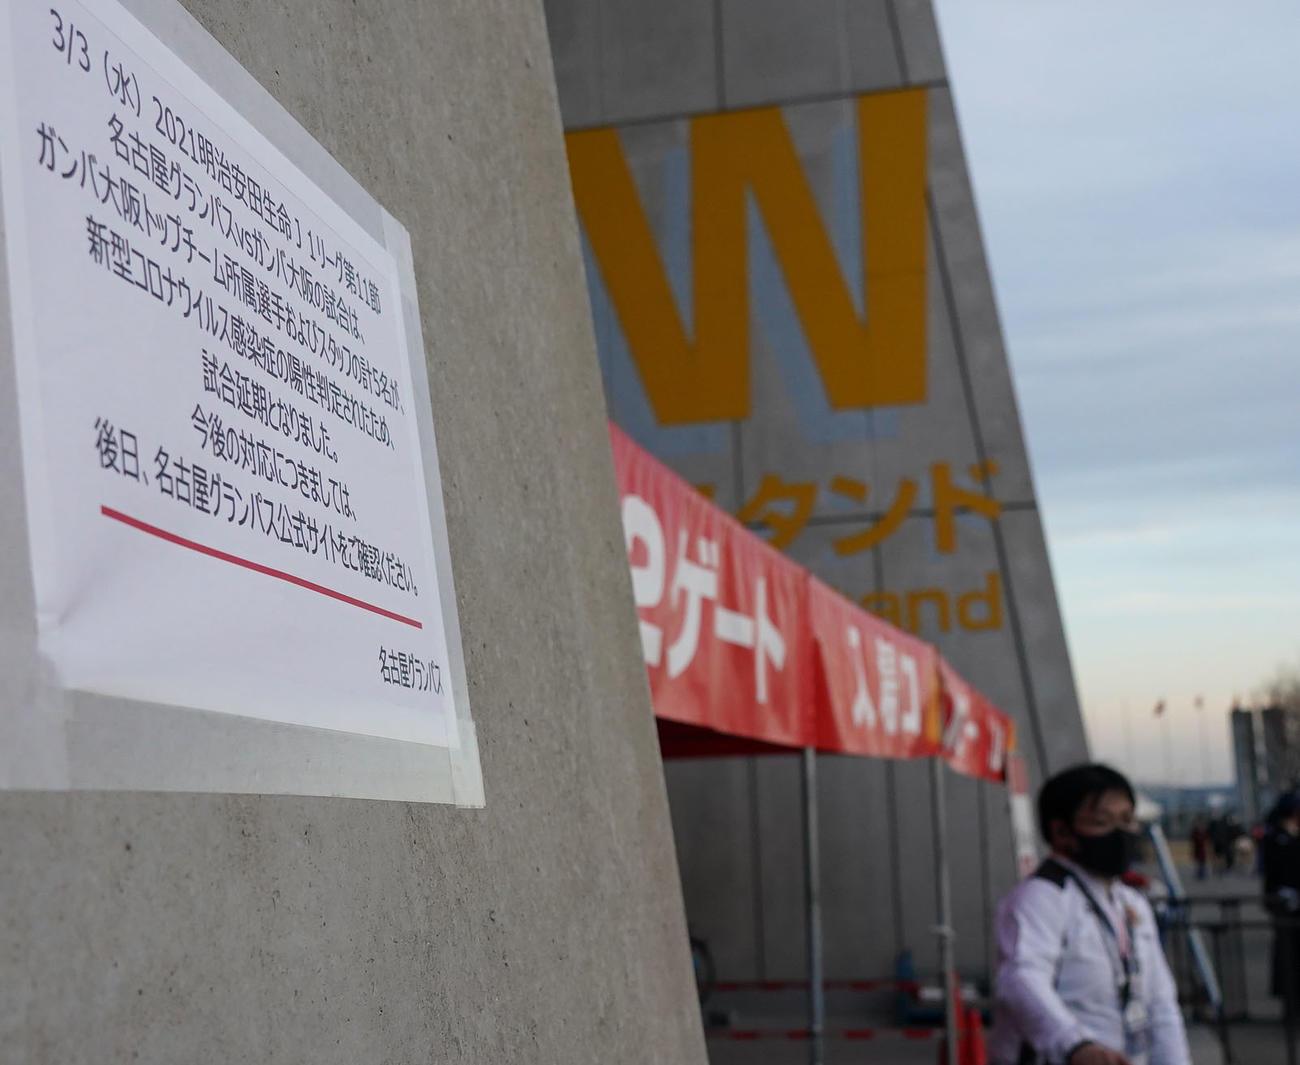 名古屋-G大阪戦が中止となったことを告げる張り紙(2021年3月3日撮影)